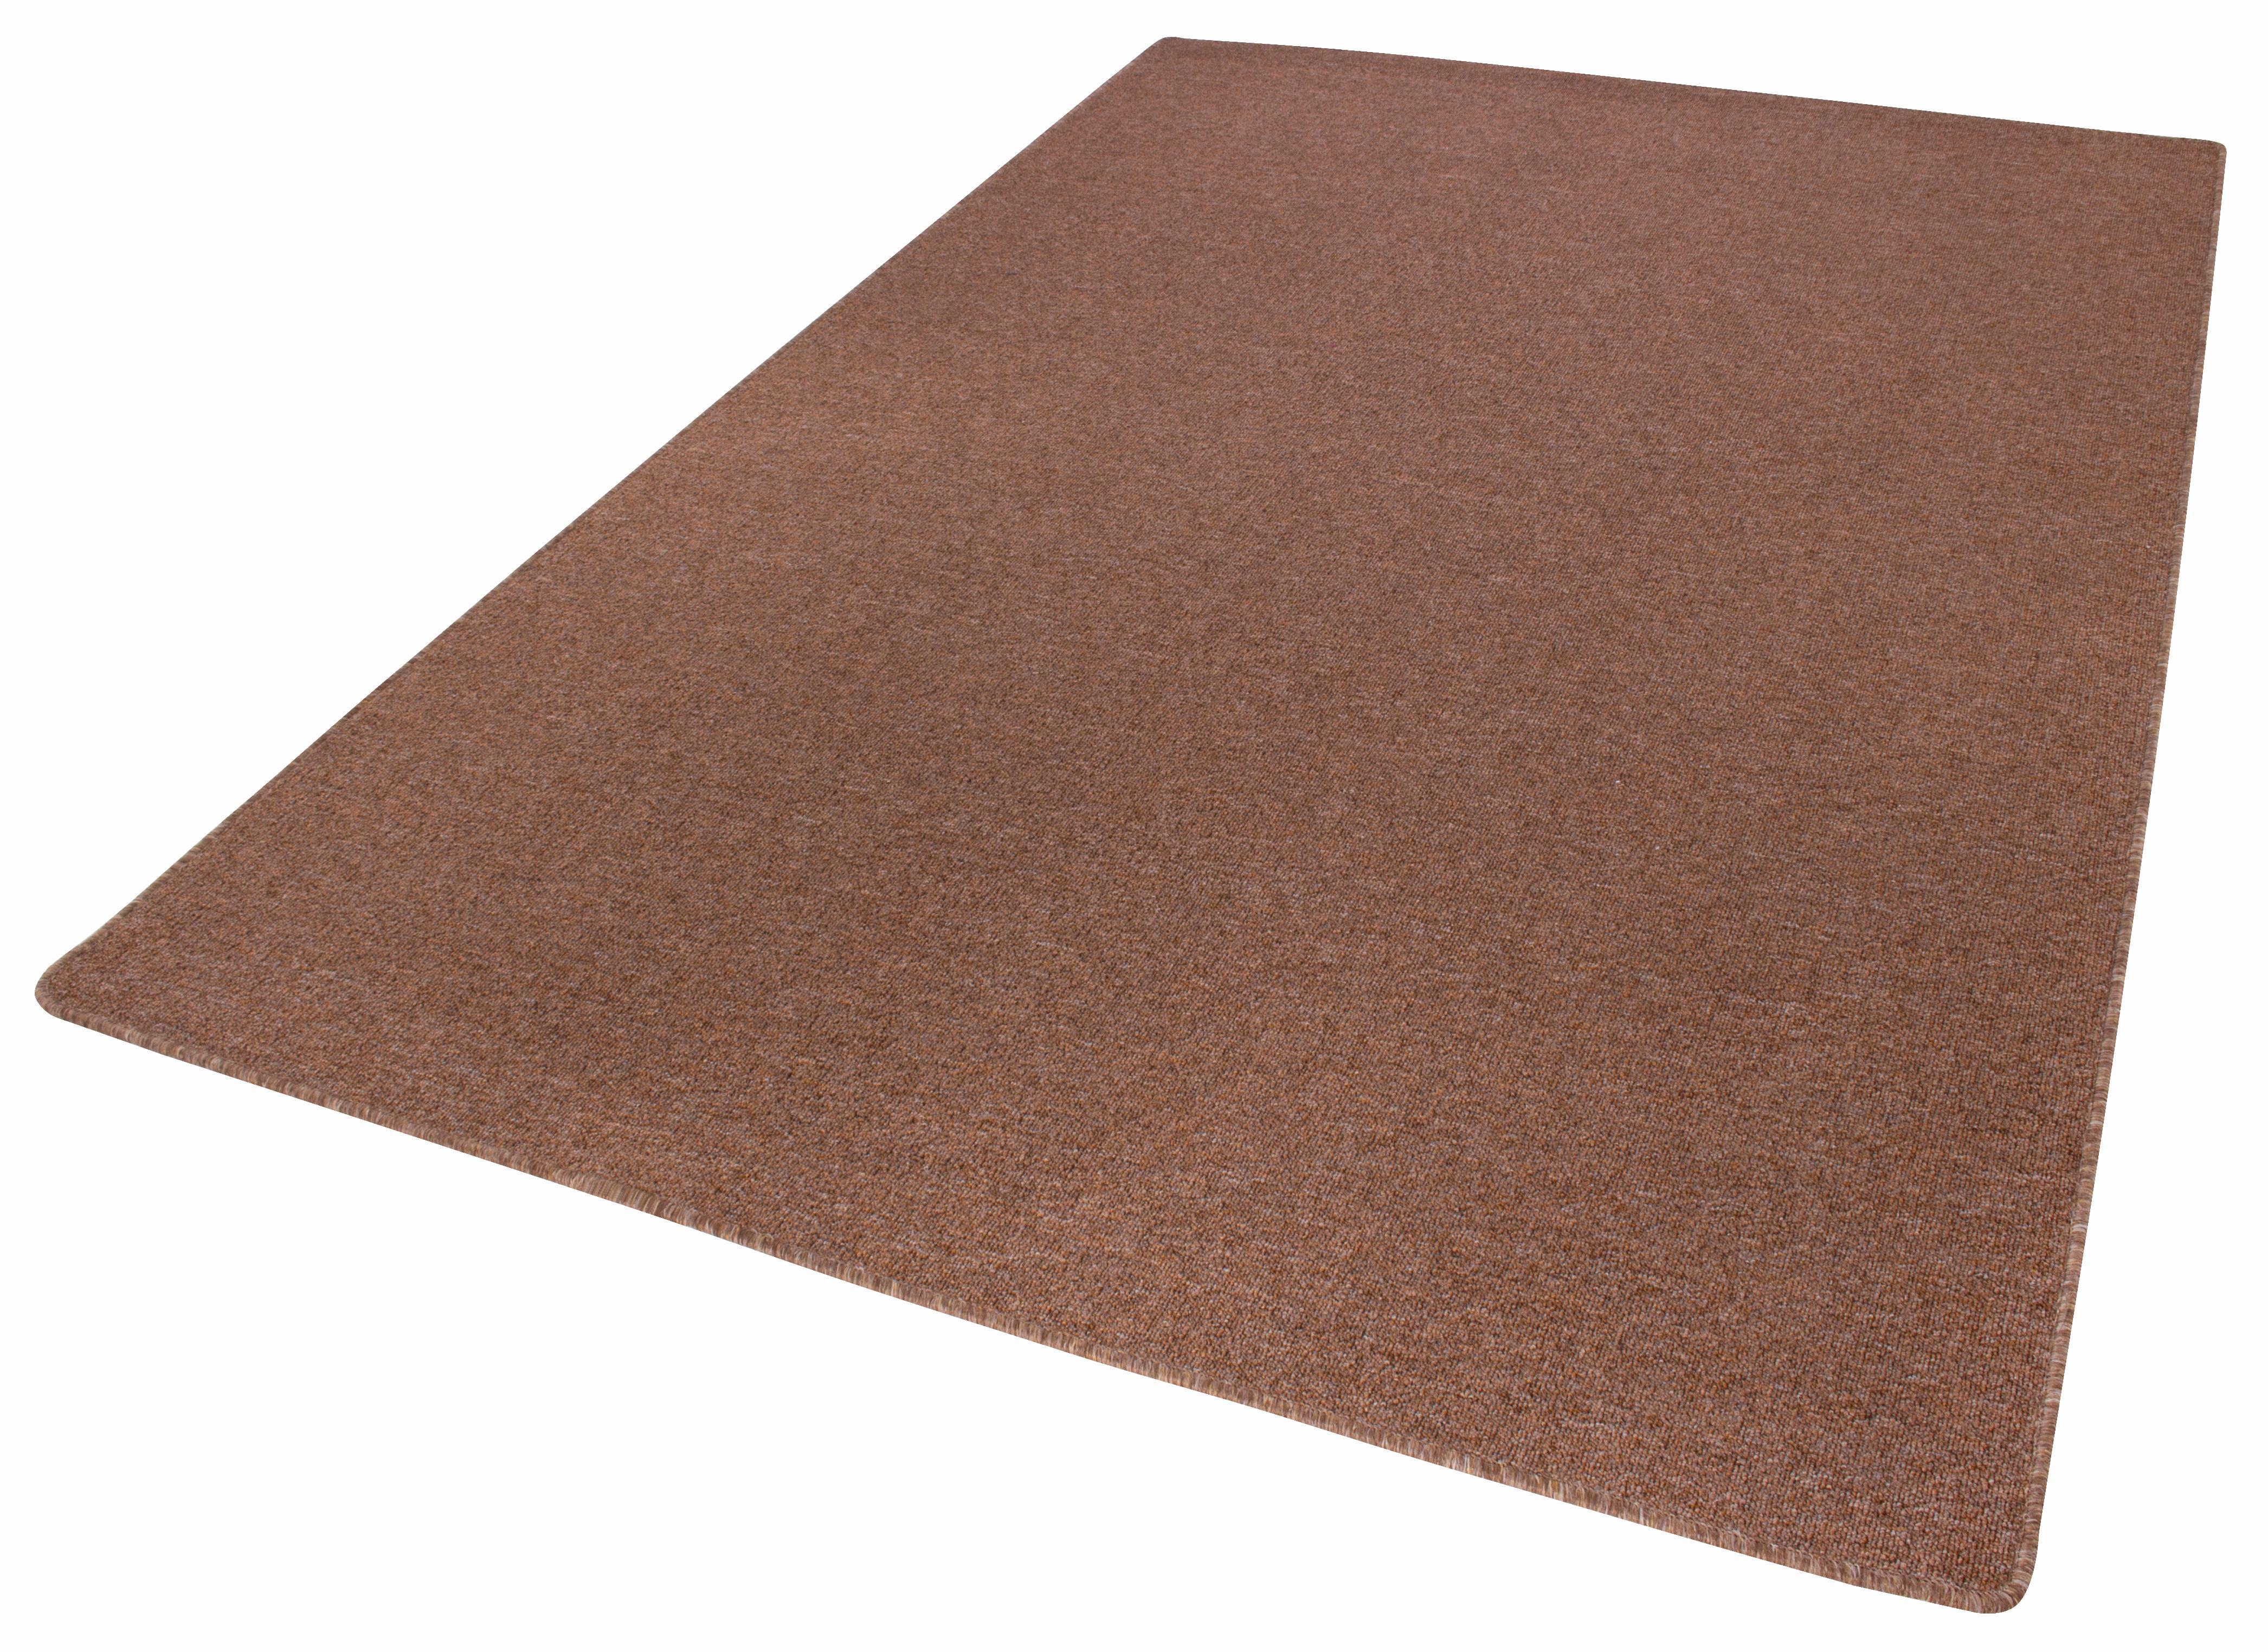 Teppich Luton LUXOR living rechteckig Höhe 5 mm